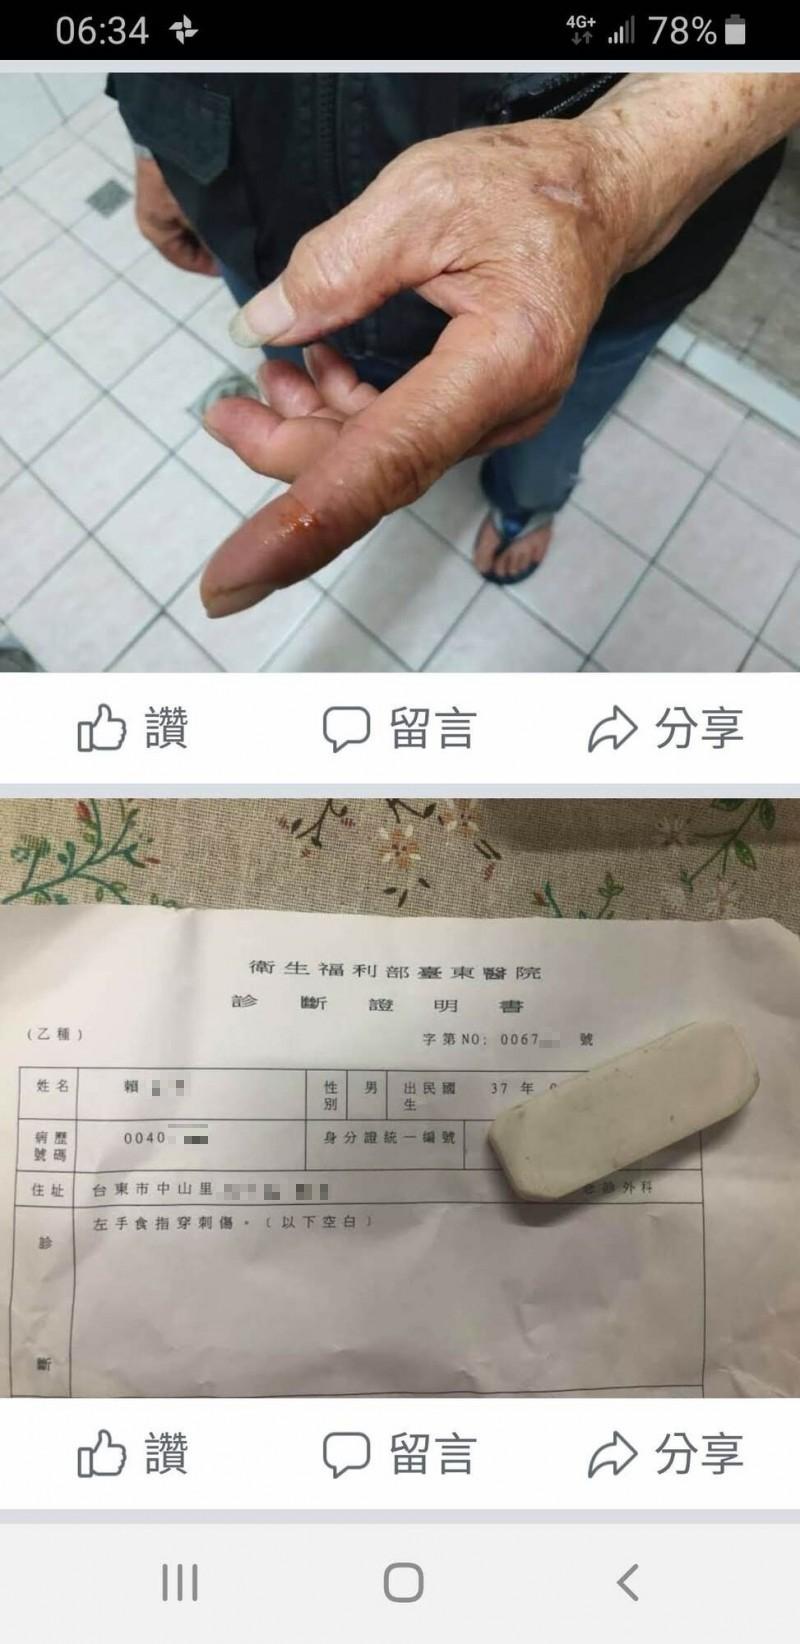 幼貓爆頭慘死,店家在凌晨在臉書po道歉文,並po老闆手指被貓咬及診斷書,指是因被貓咬的反射動作。(取自臉書)